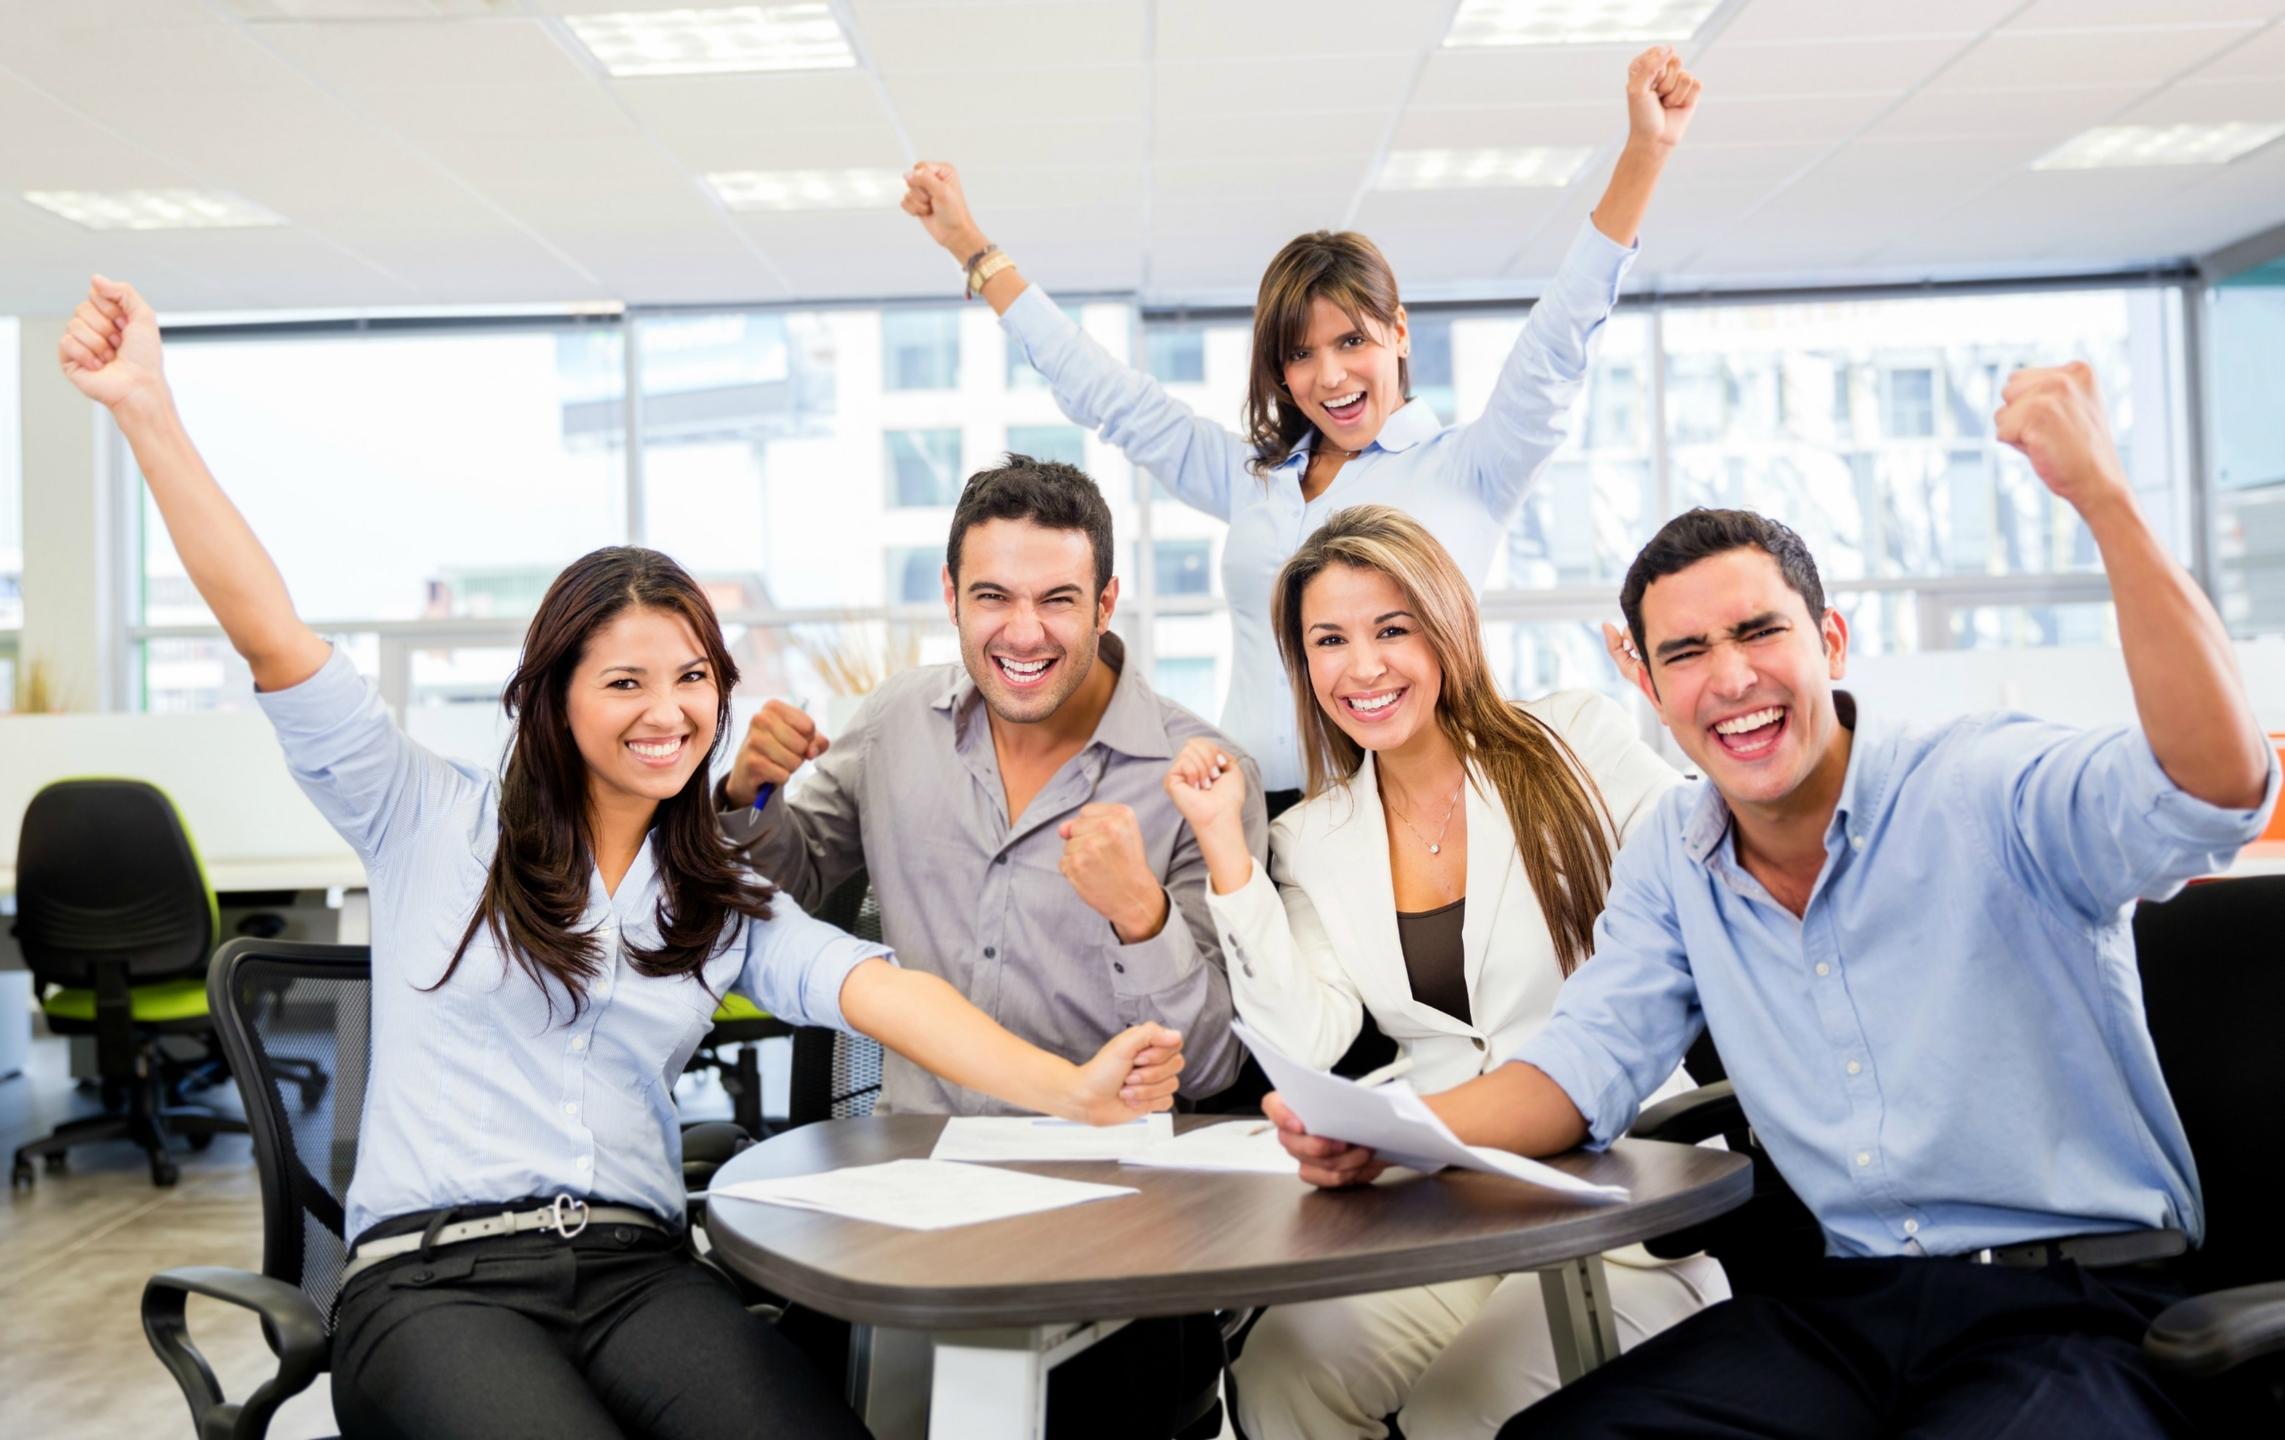 Где пройти курсы менеджера по персоналу в Саратове?